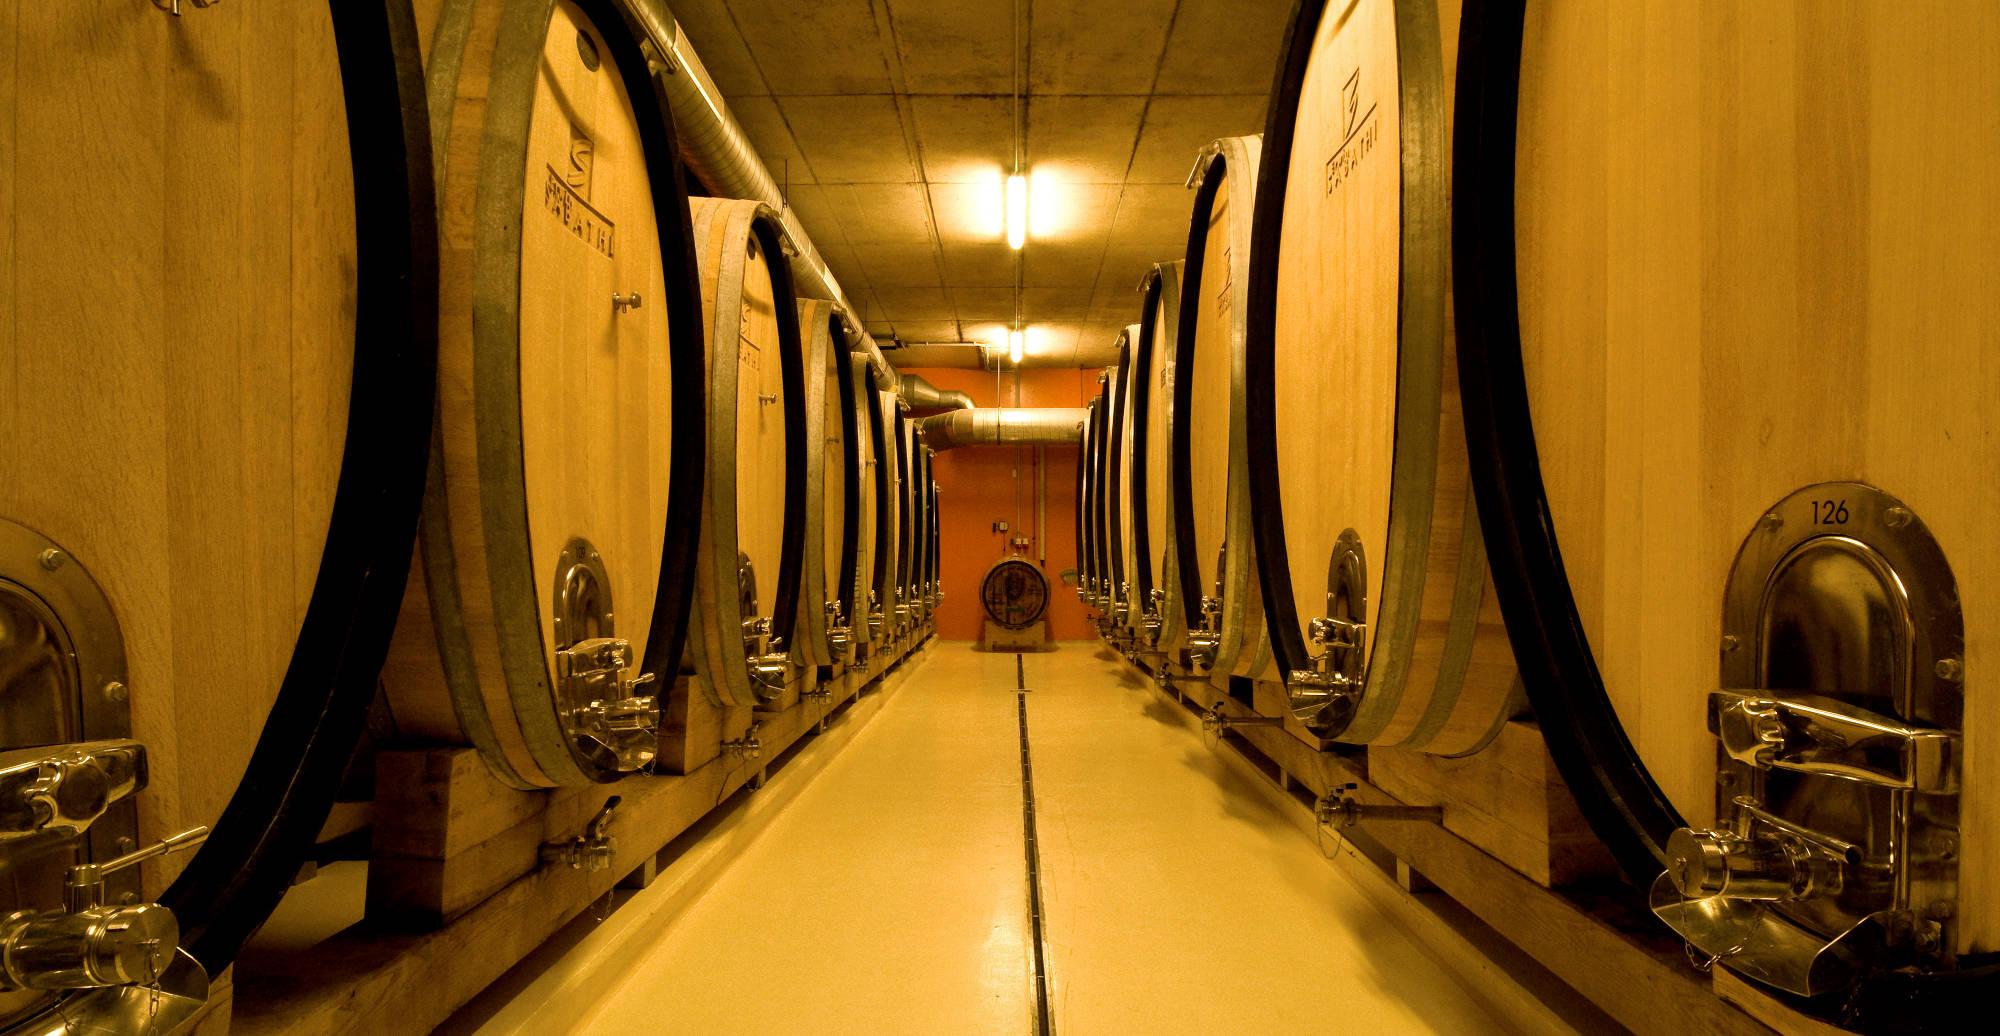 Weinkeller mit zwei Reihen Holz-Weinfässern.